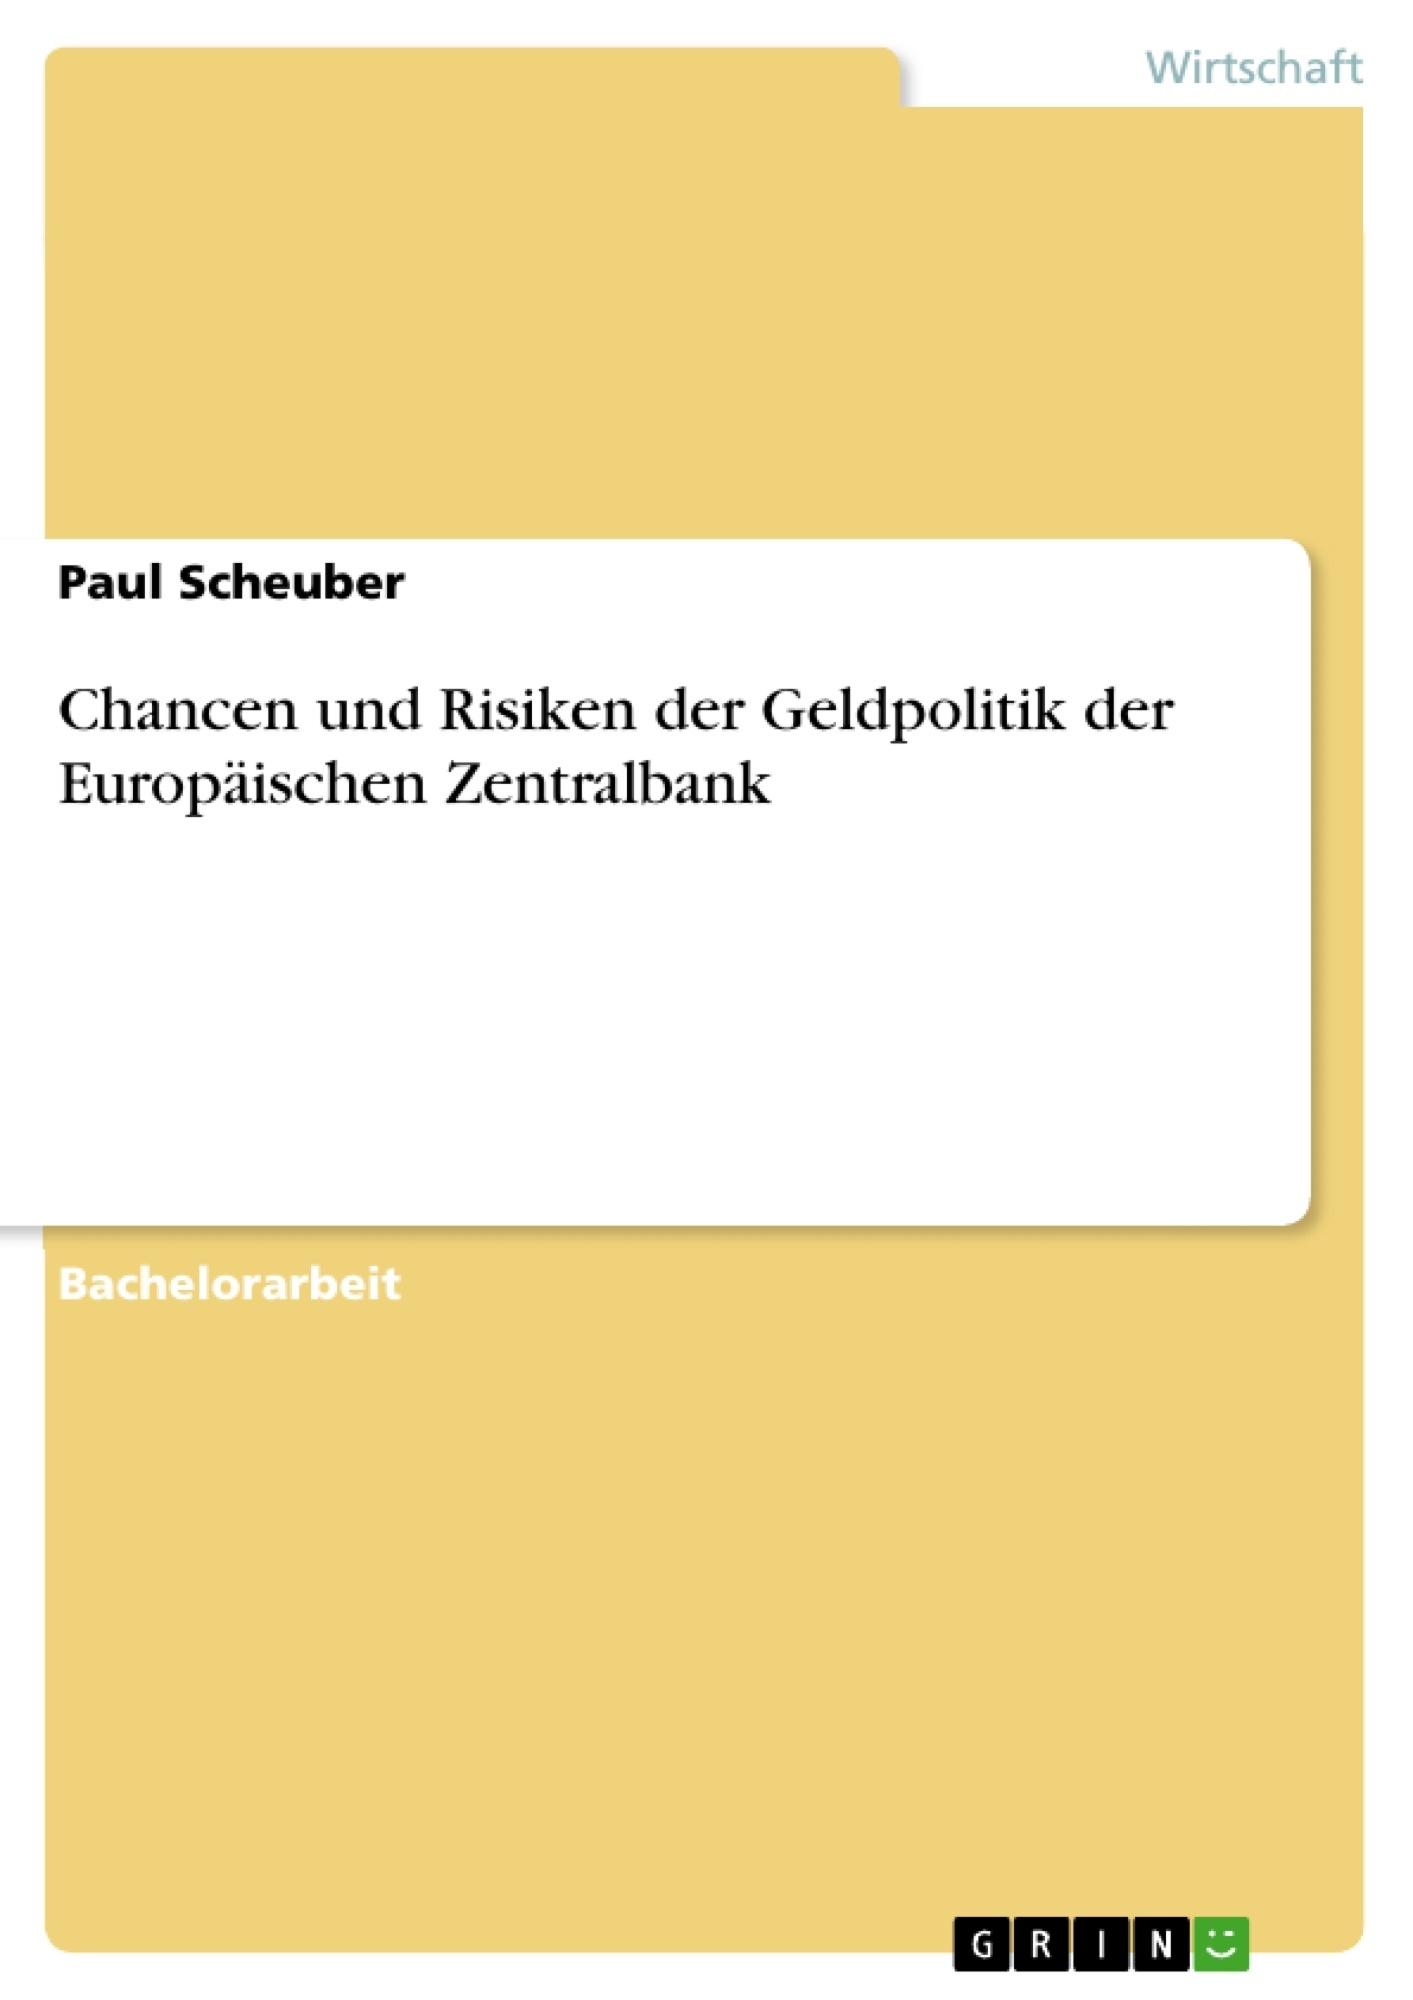 Titel: Chancen und Risiken der Geldpolitik der Europäischen Zentralbank